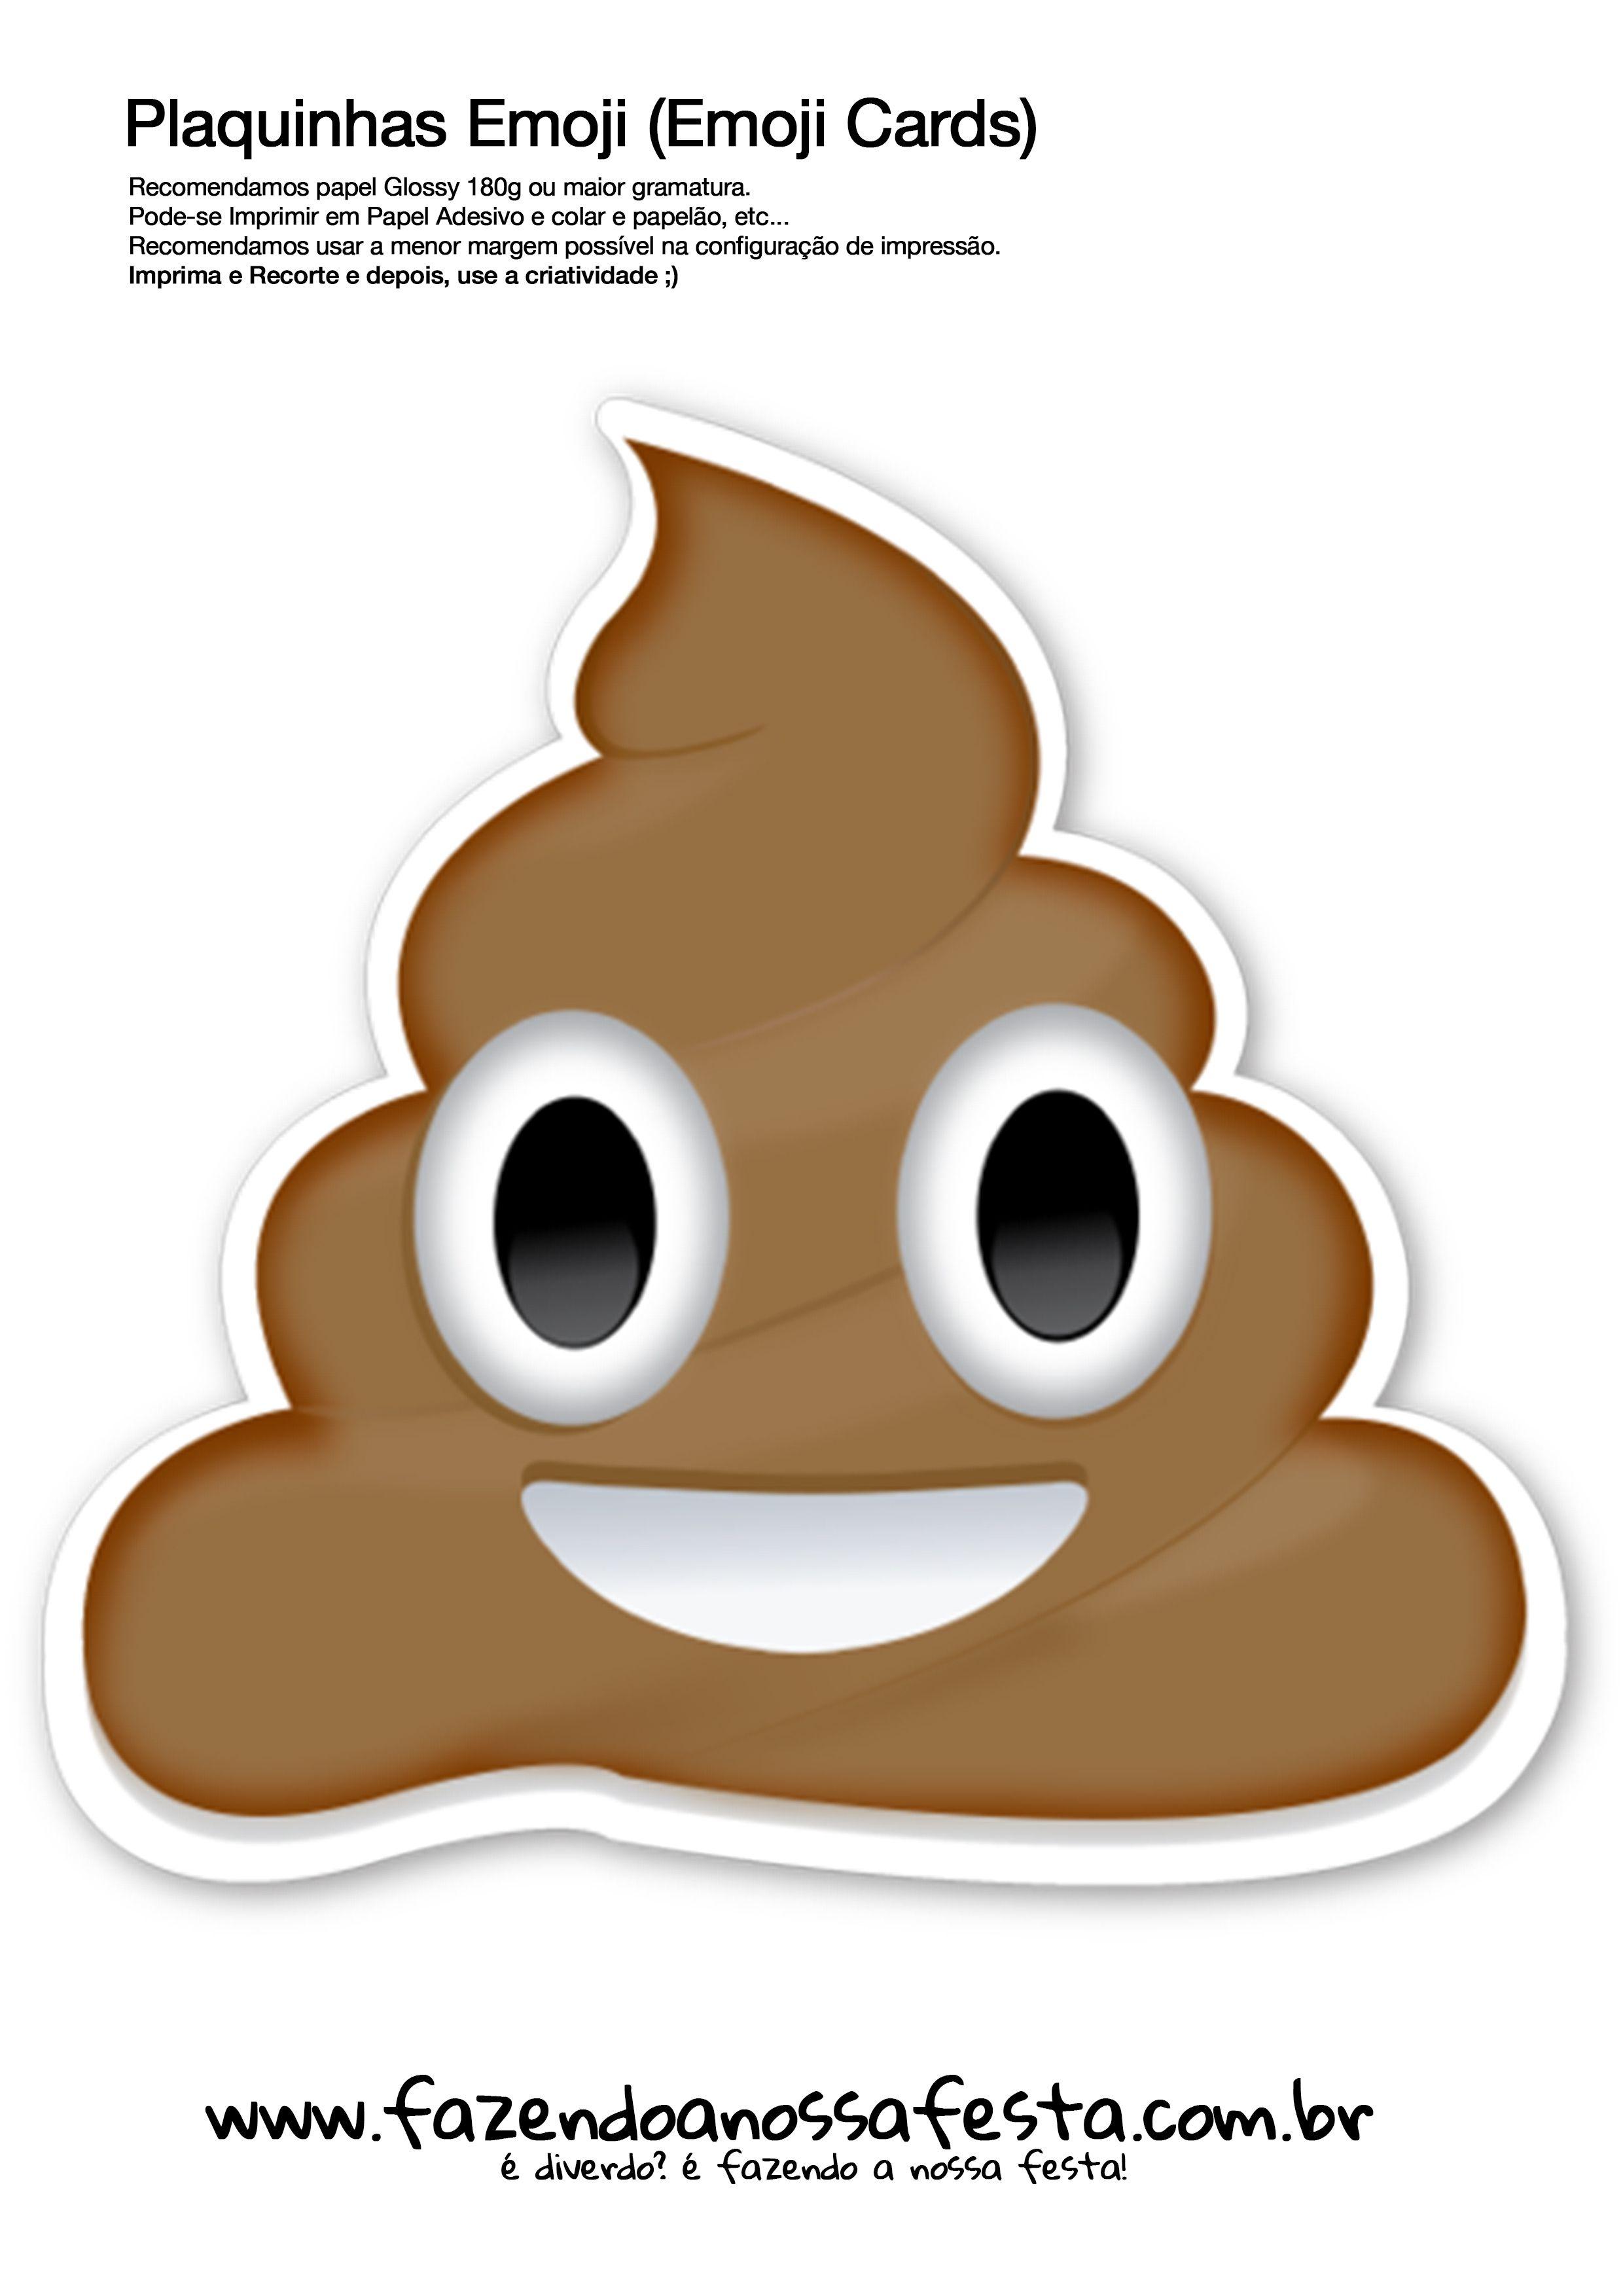 Plaquinhas Emojis 12 Emoji Card Fazendo A Nossa Festa Coco اعمال